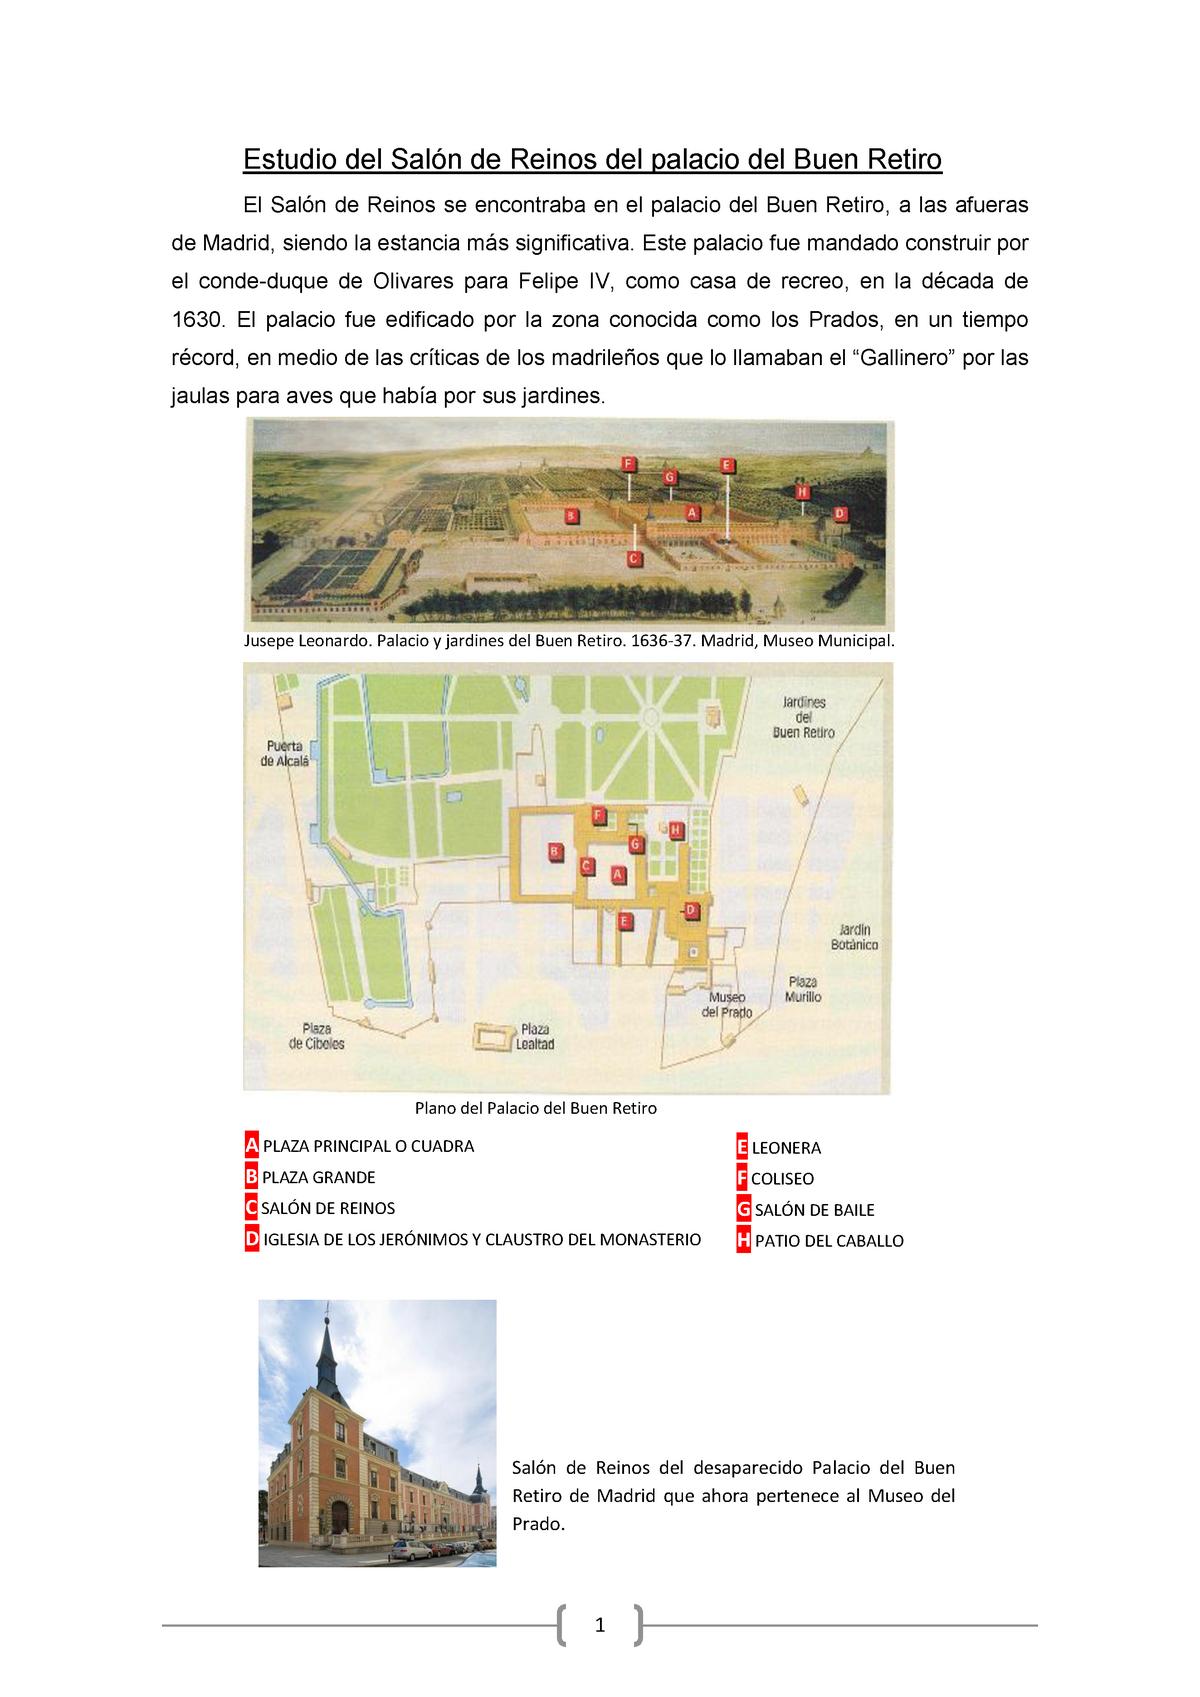 99808db9c7ba Trabajo Barroco e Ilustración - 67022040  Historia del Arte Moderno   Barroco e Ilustración - StuDocu